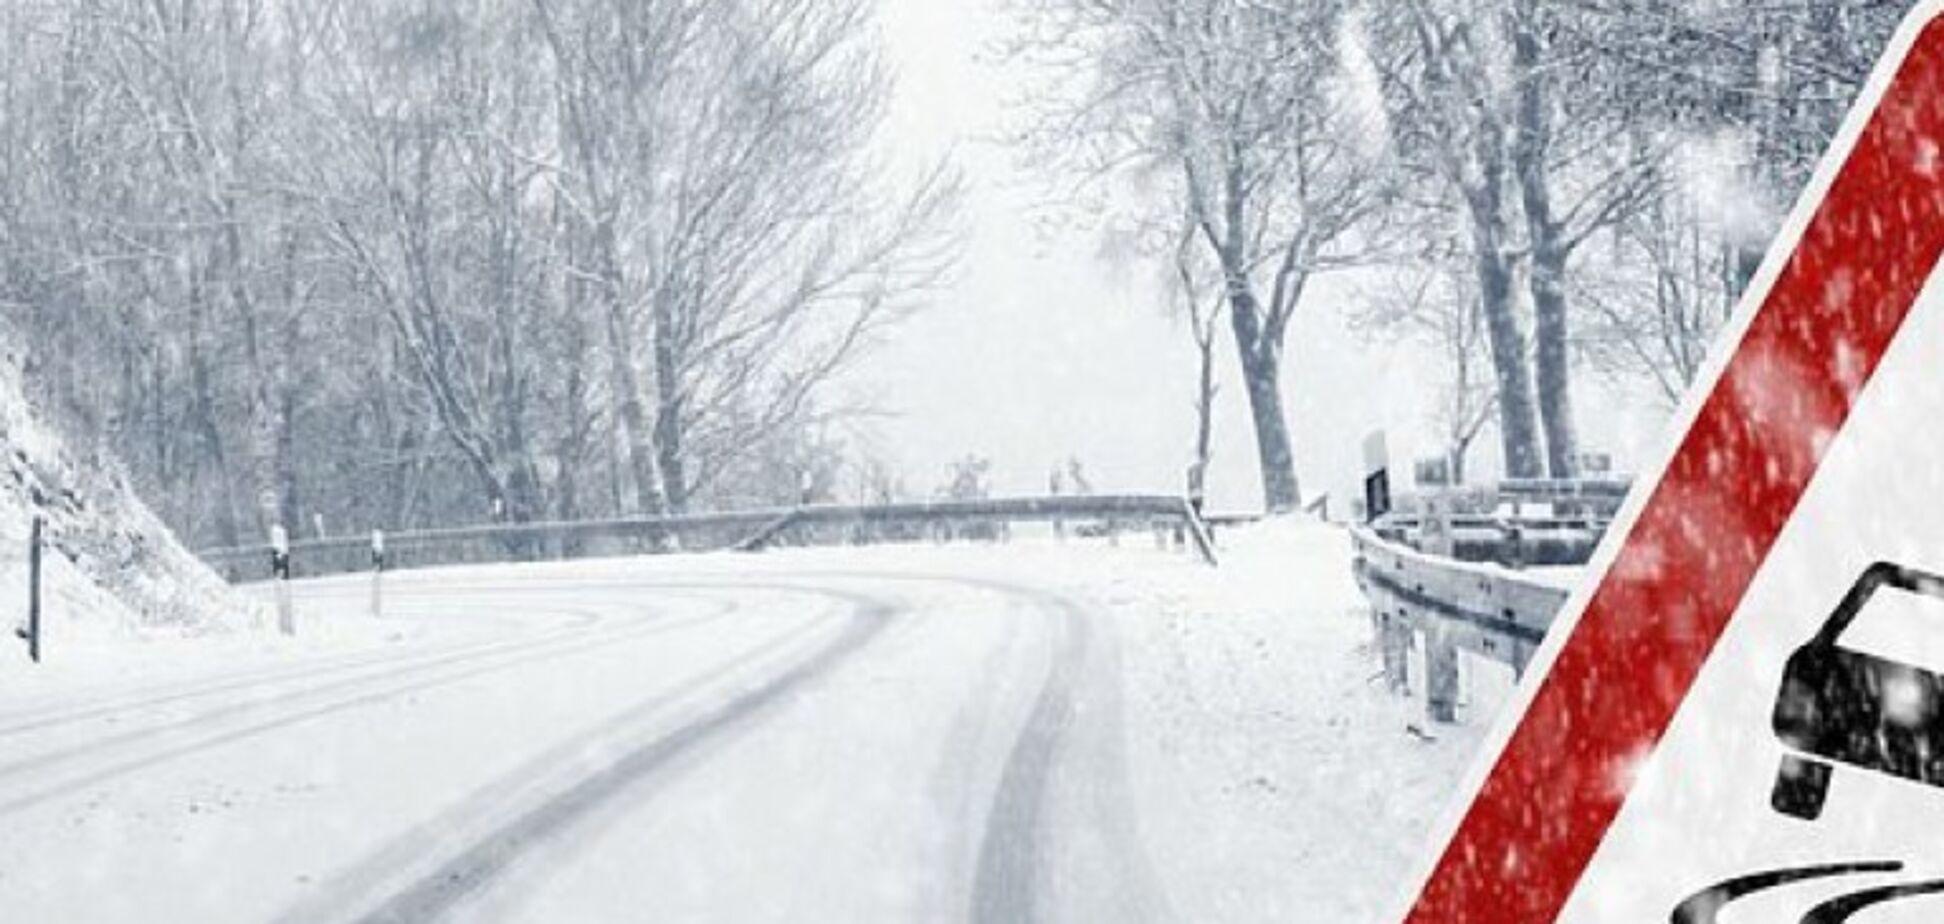 В Украине из-за снега повысится риск на дорогах: где будет опаснее всего